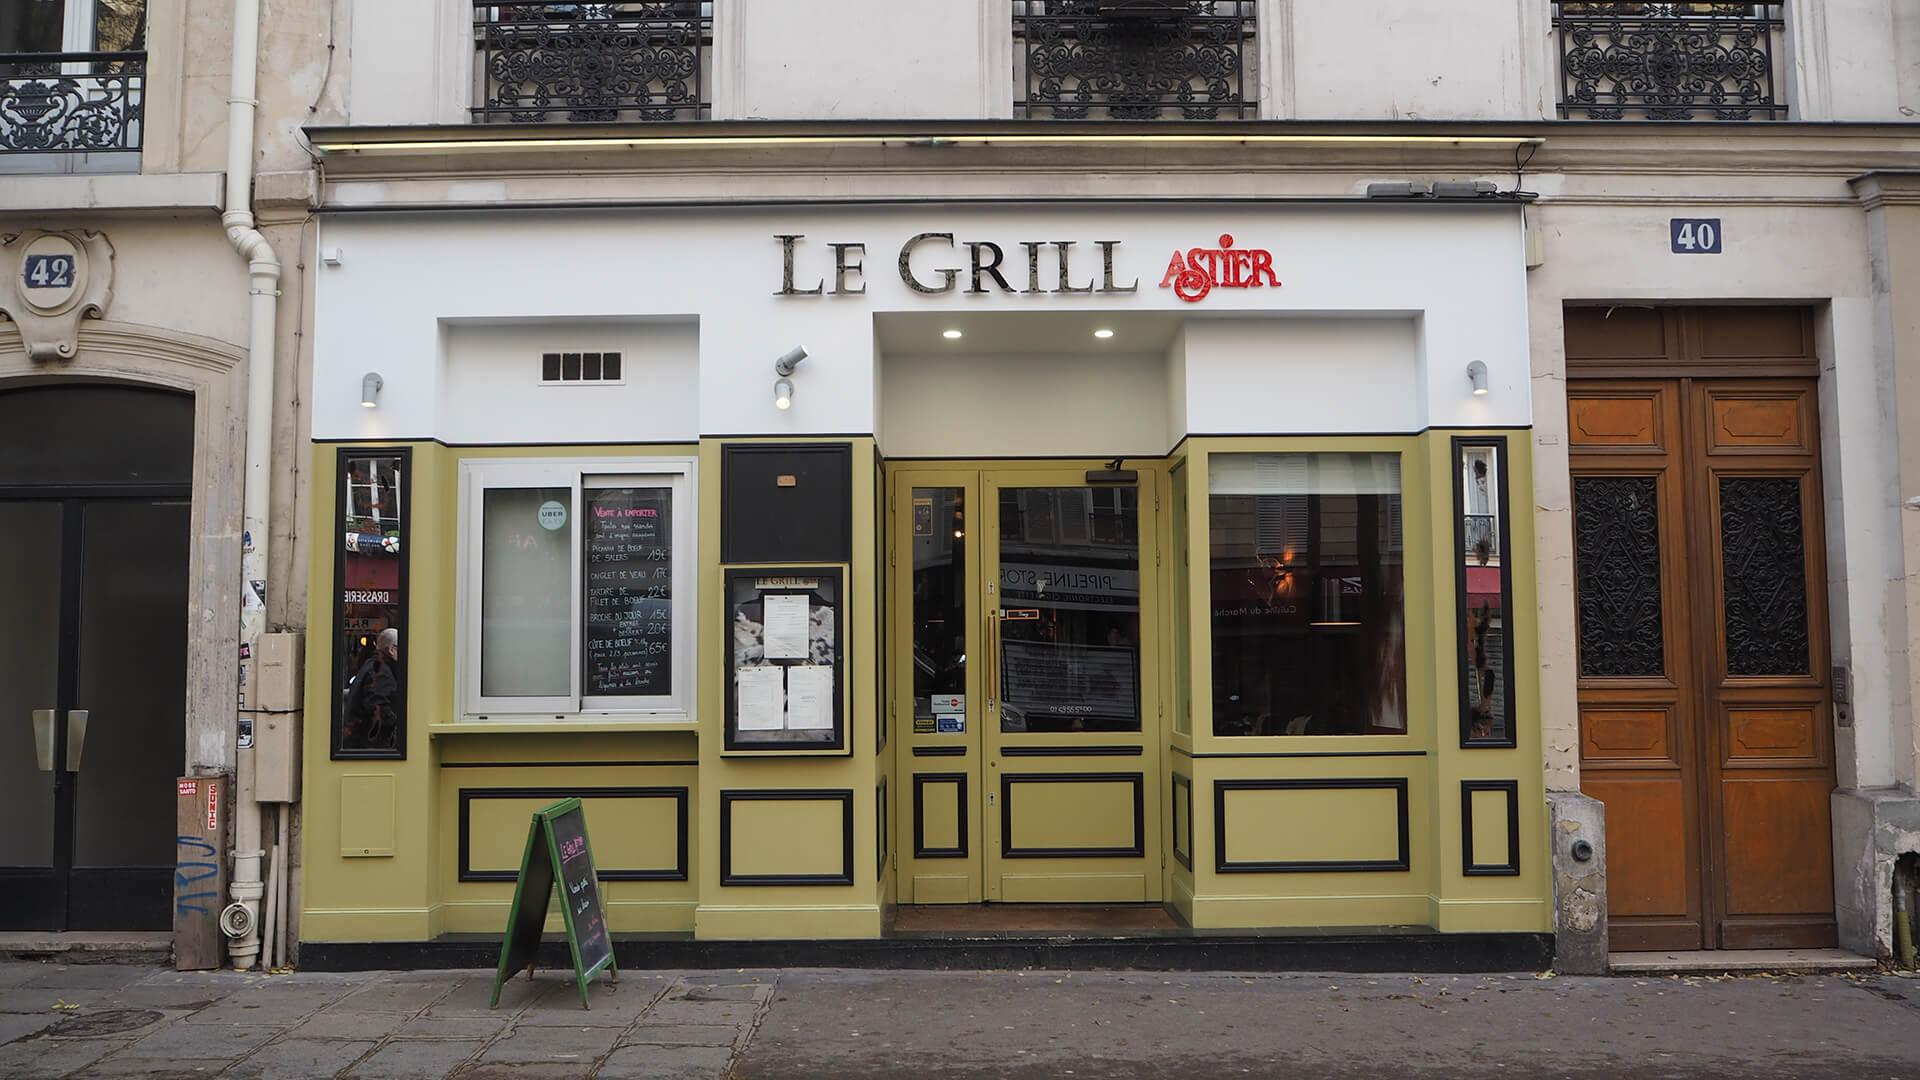 Restaurant Le grill Astier Paris 75011